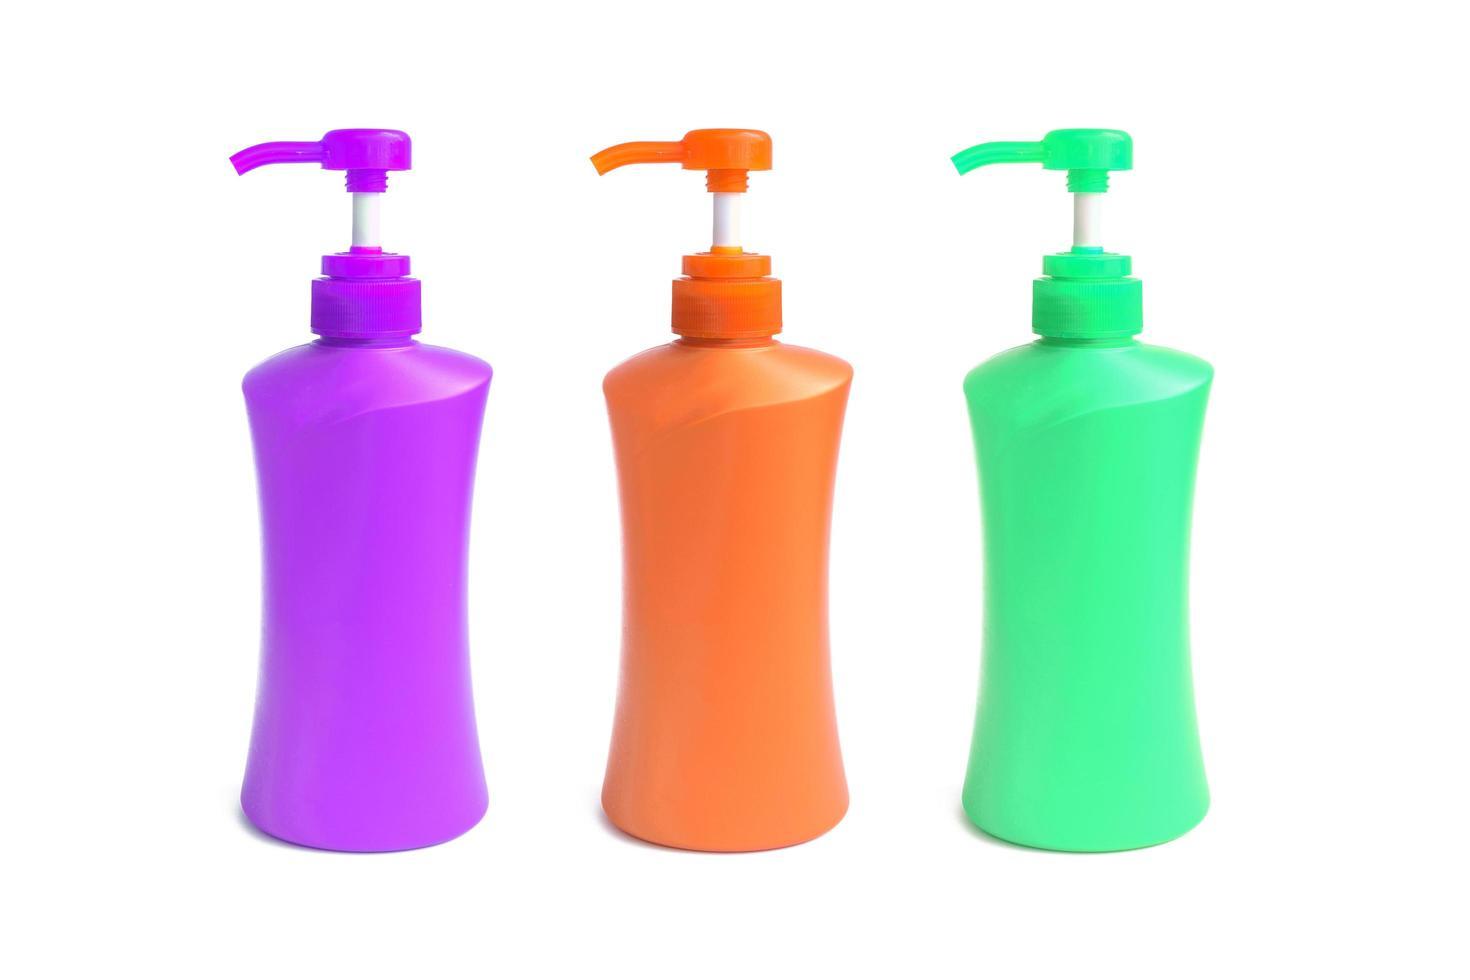 Plastikflasche für flüssige Produkte foto